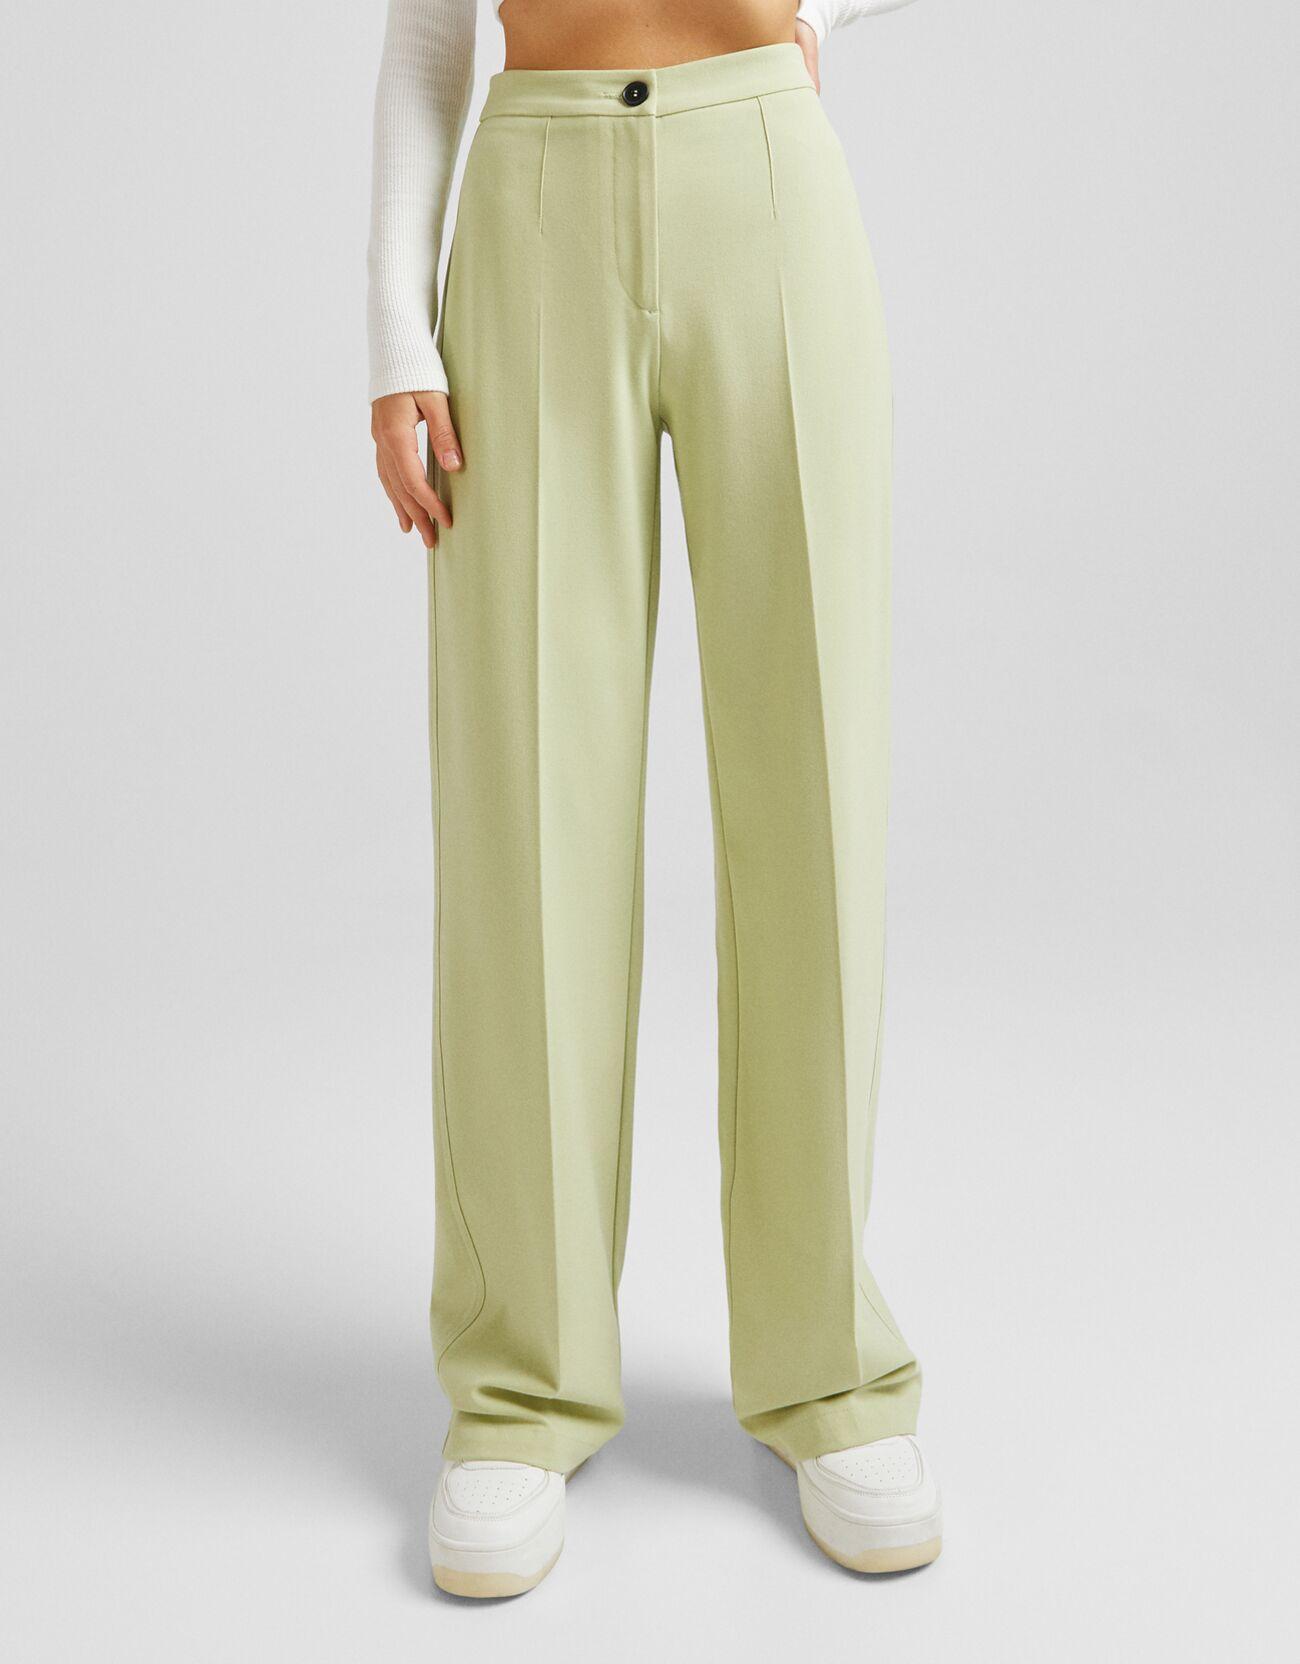 Зеленый Широкие брюки с карманом сзади Bershka